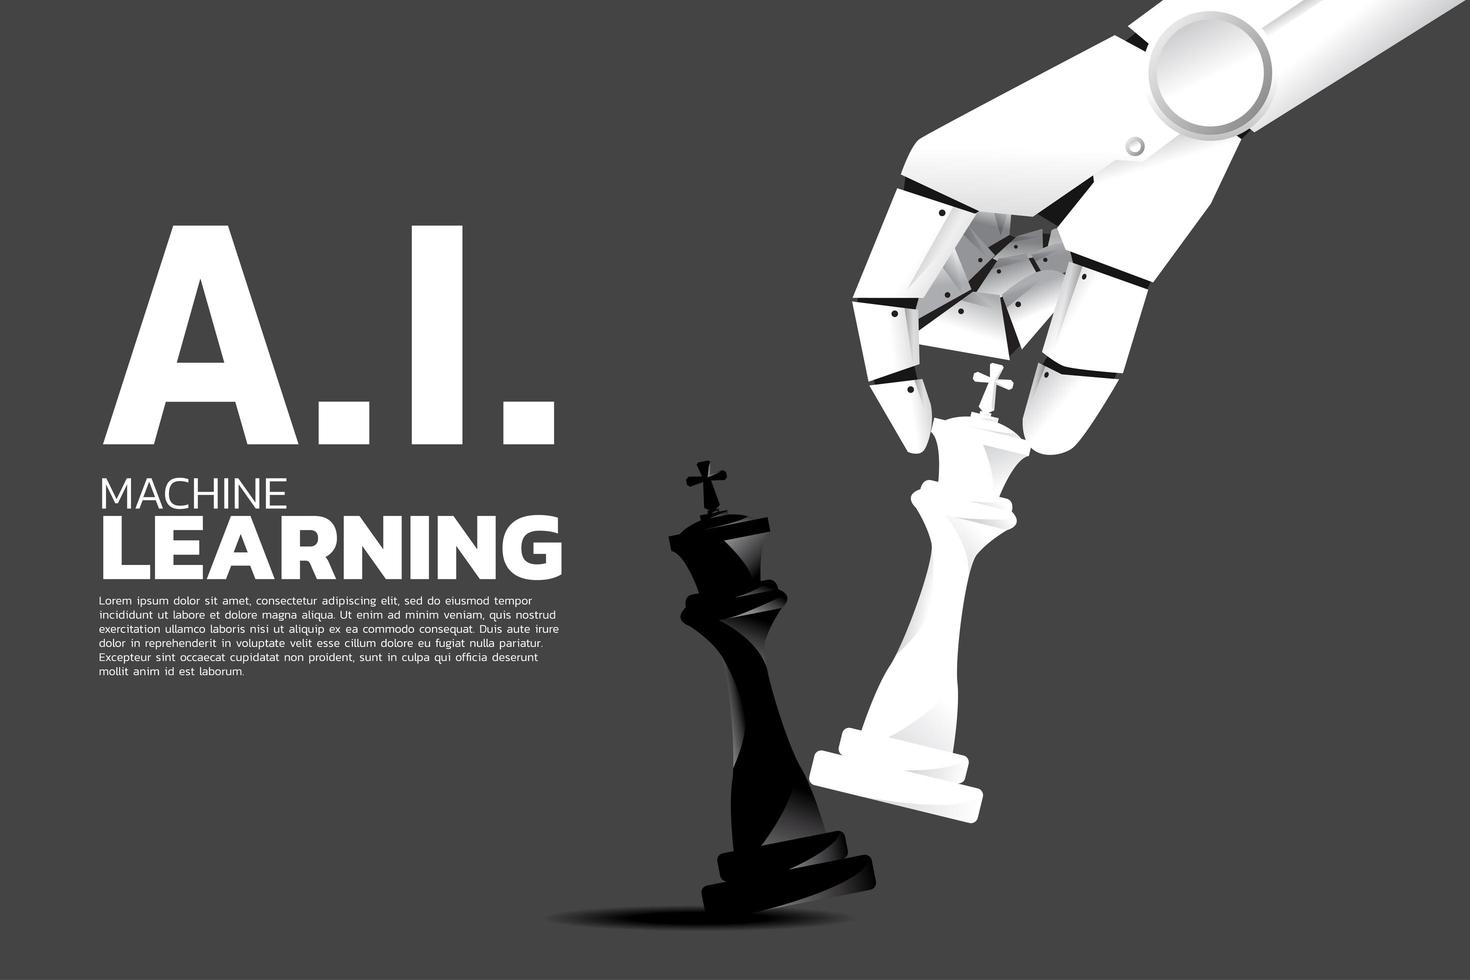 robothand flytta schackpjäs för att kontrollera kamrat vektor